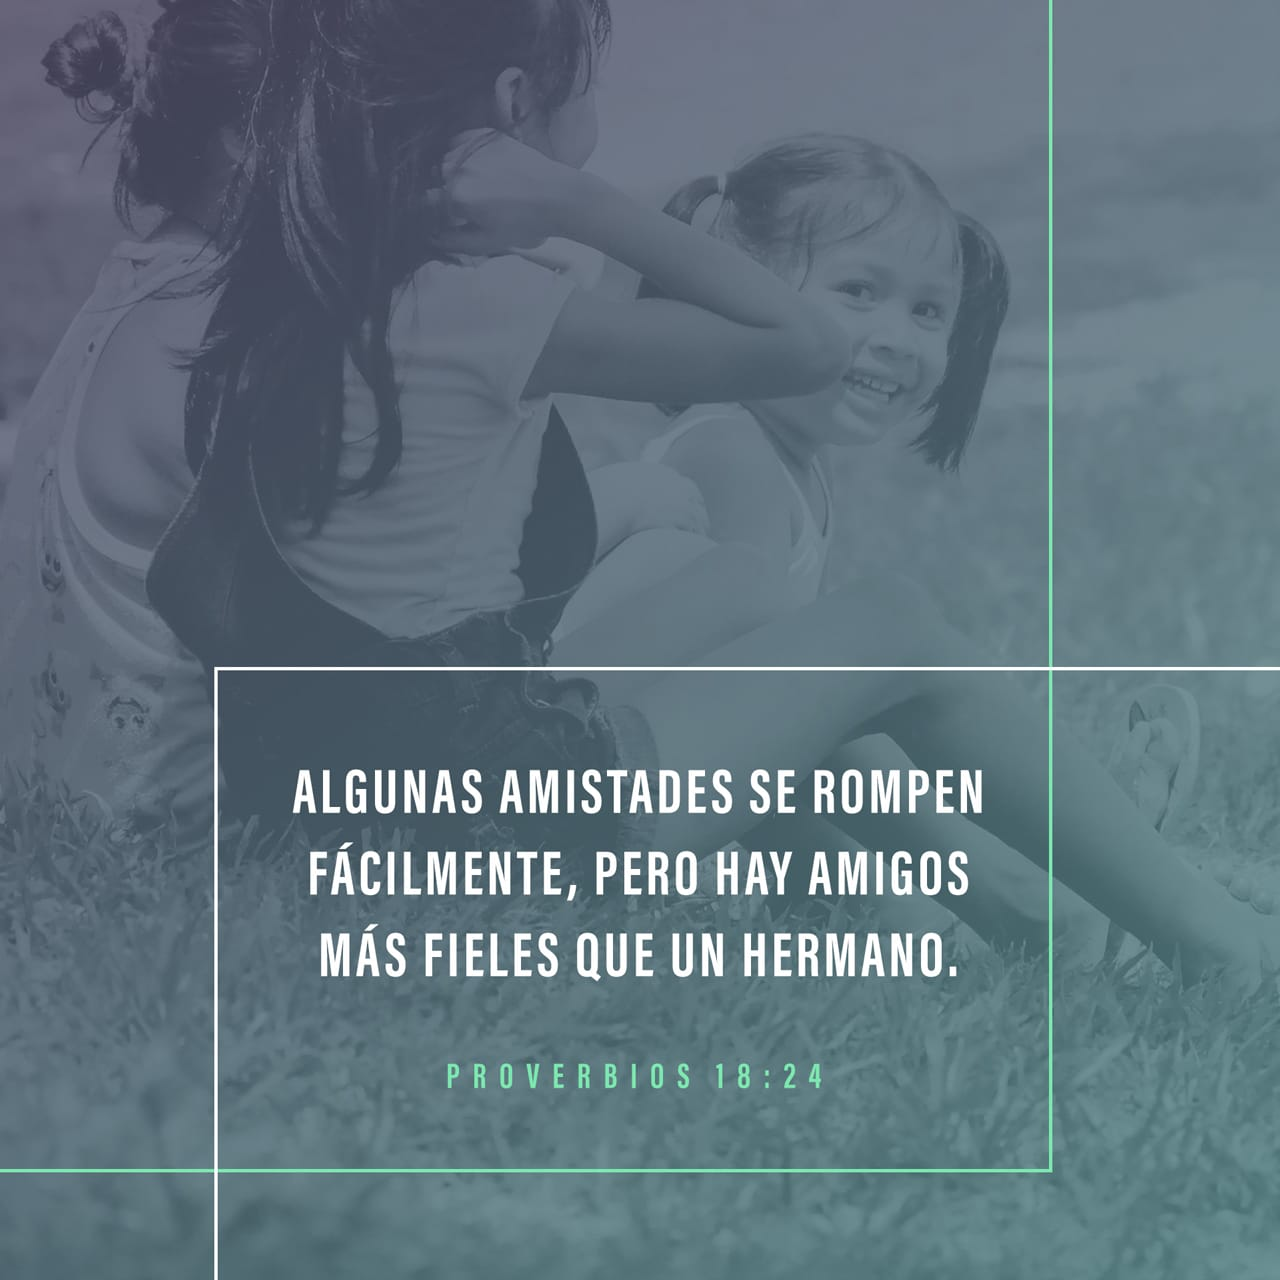 Matrimonio Biblia Versiculos Reina Valera : Proverbios 18:24 el hombre que tiene amigos ha de mostrarse amigo; y